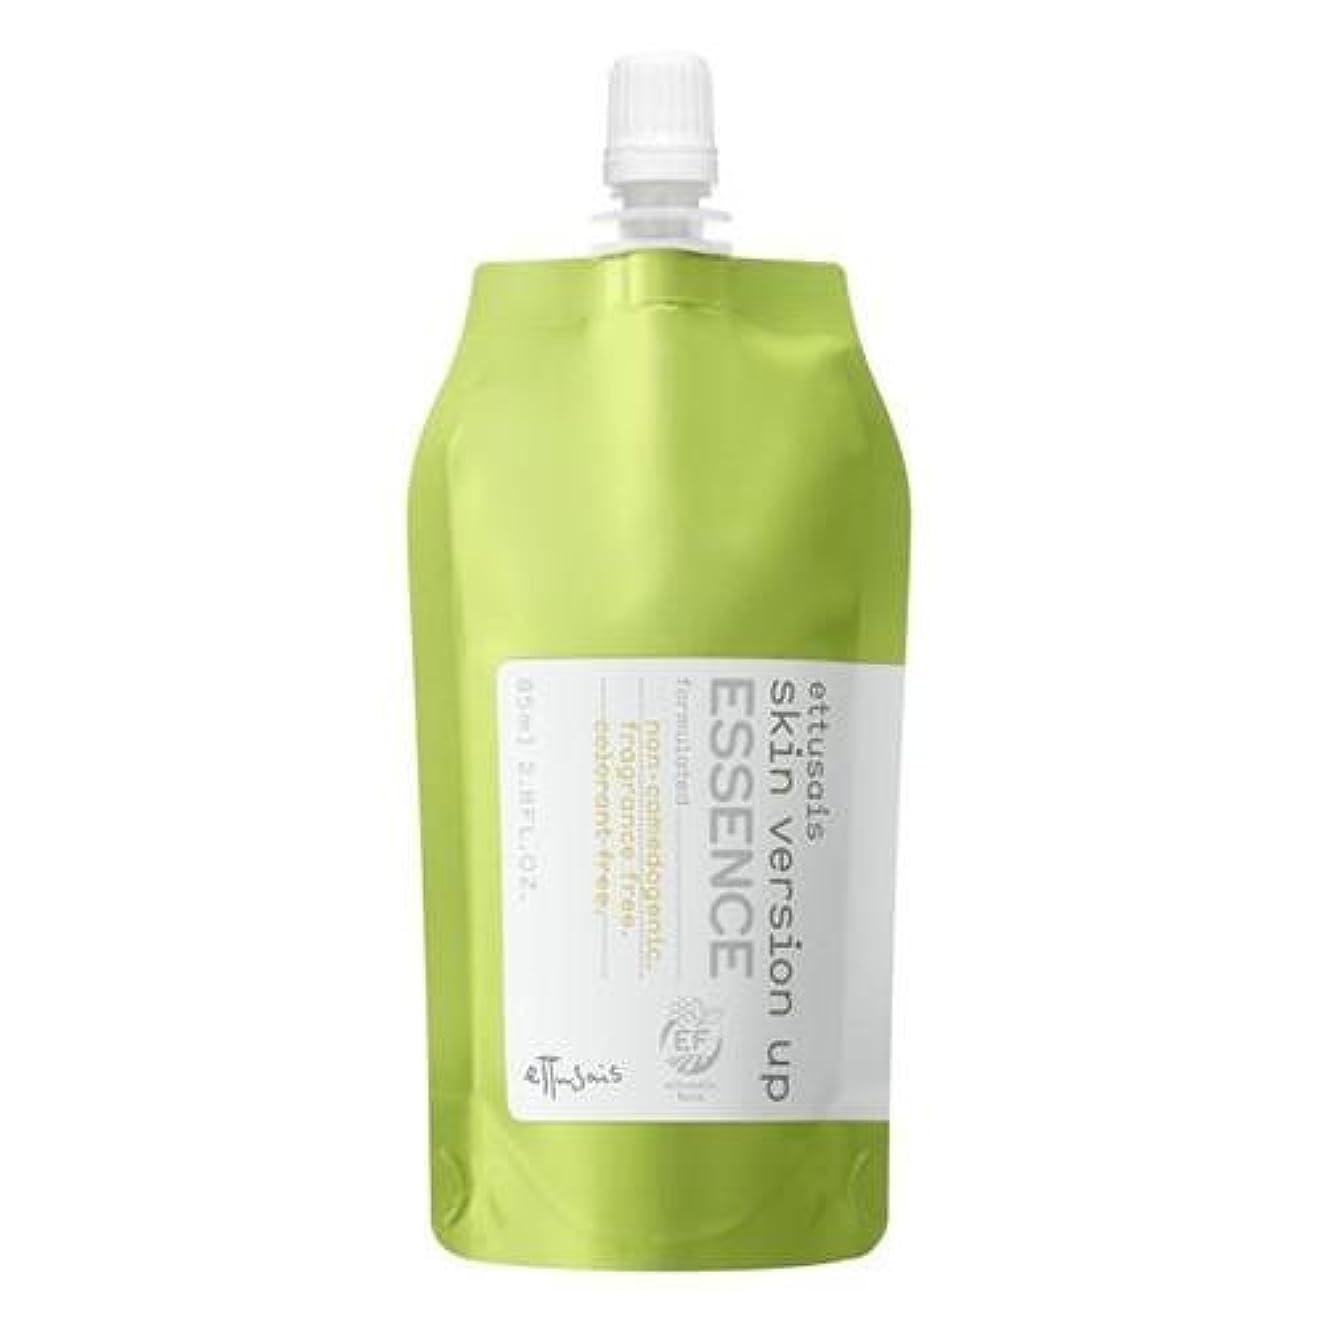 アッパー自己可塑性[医薬部外品] エテュセ 薬用スキンバージョンアップ エッセンス つめかえ用 薬用モチ肌美容液 85ml